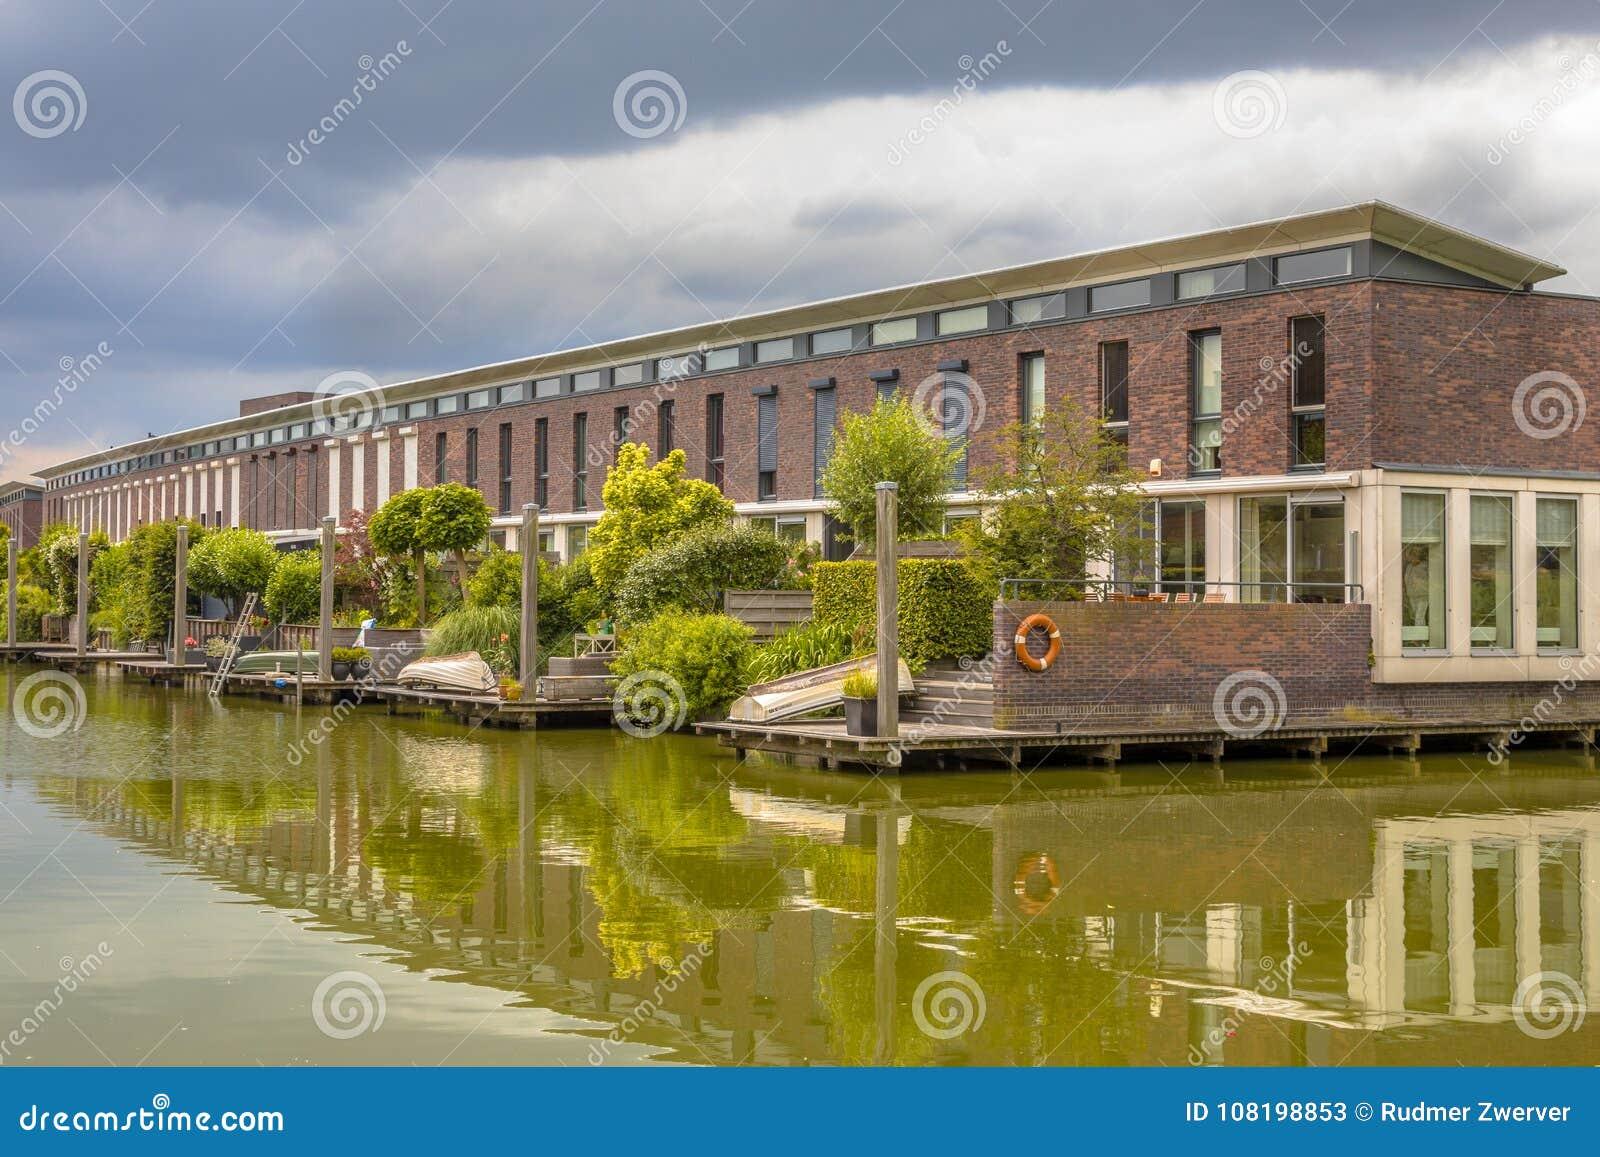 Moderne Häuser Mit Terrassengärten Stockbild - Bild von modern ...